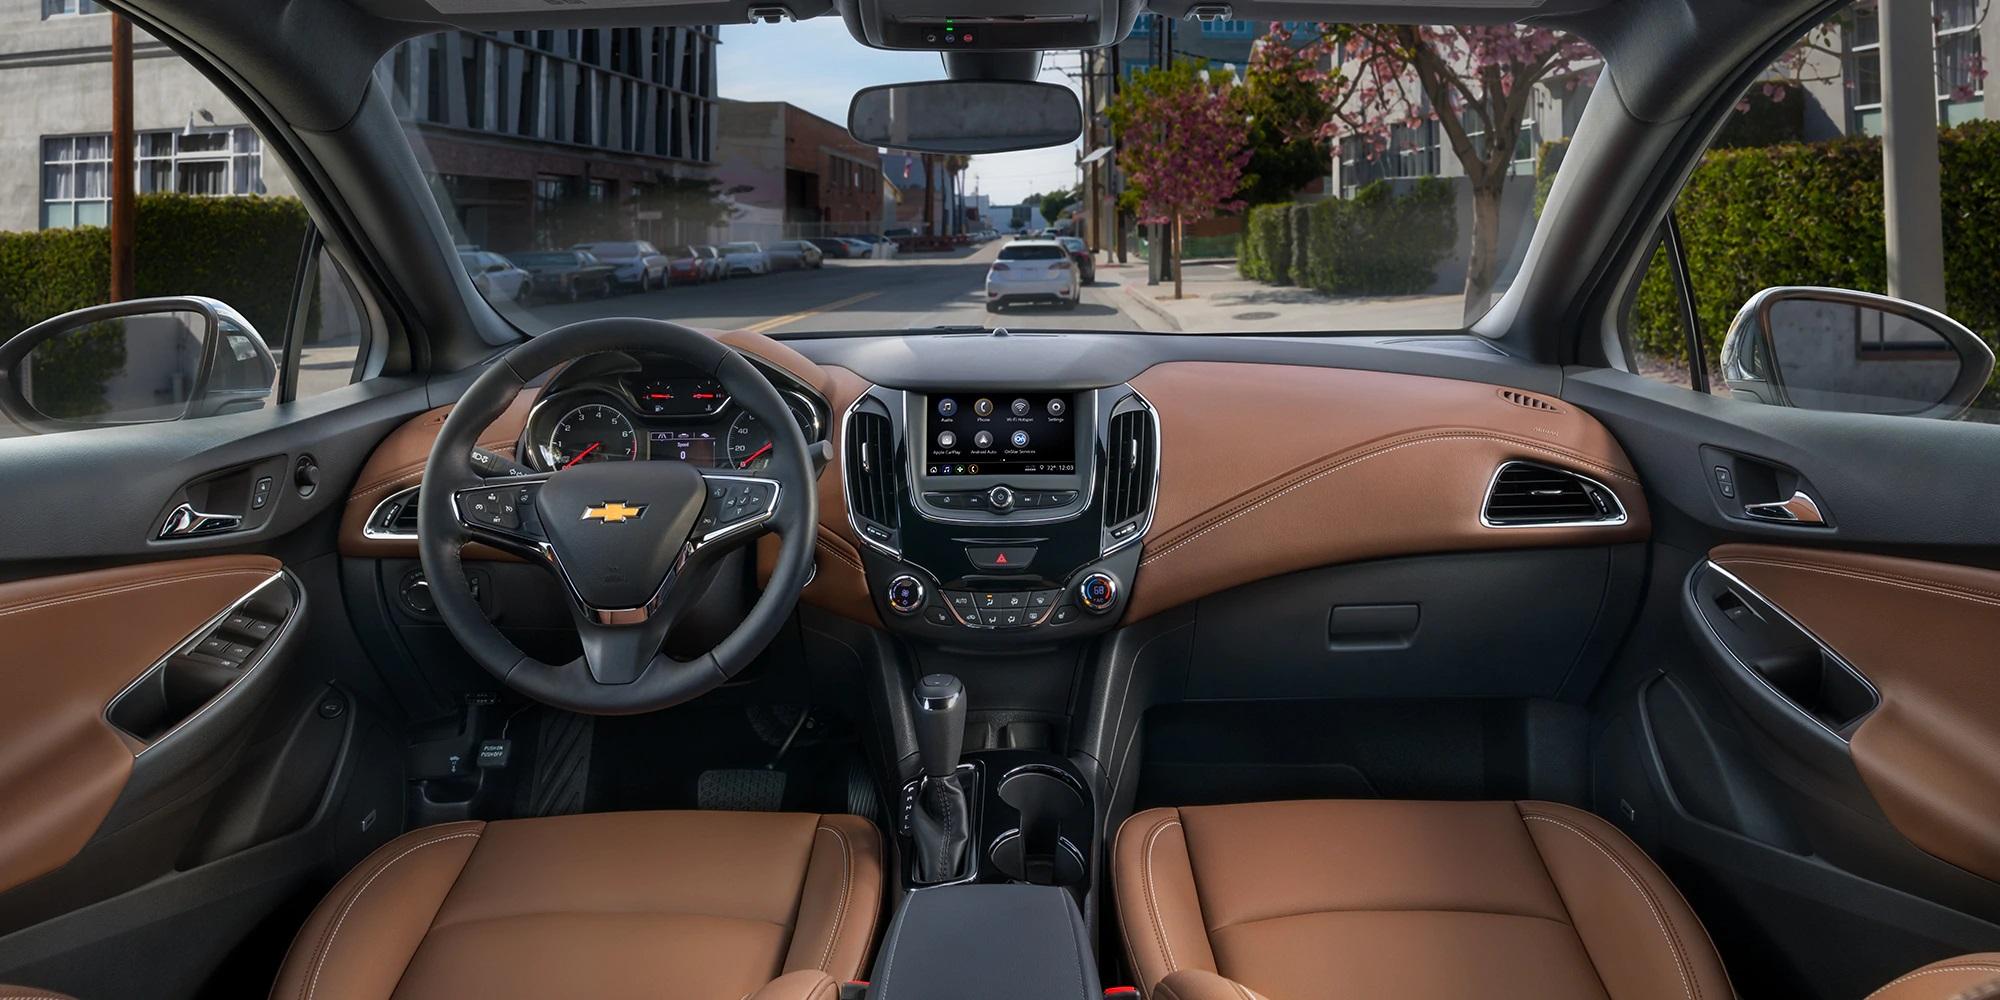 El Chevrolet Cruze 2019 tiene un interior cómodo y muy elegante